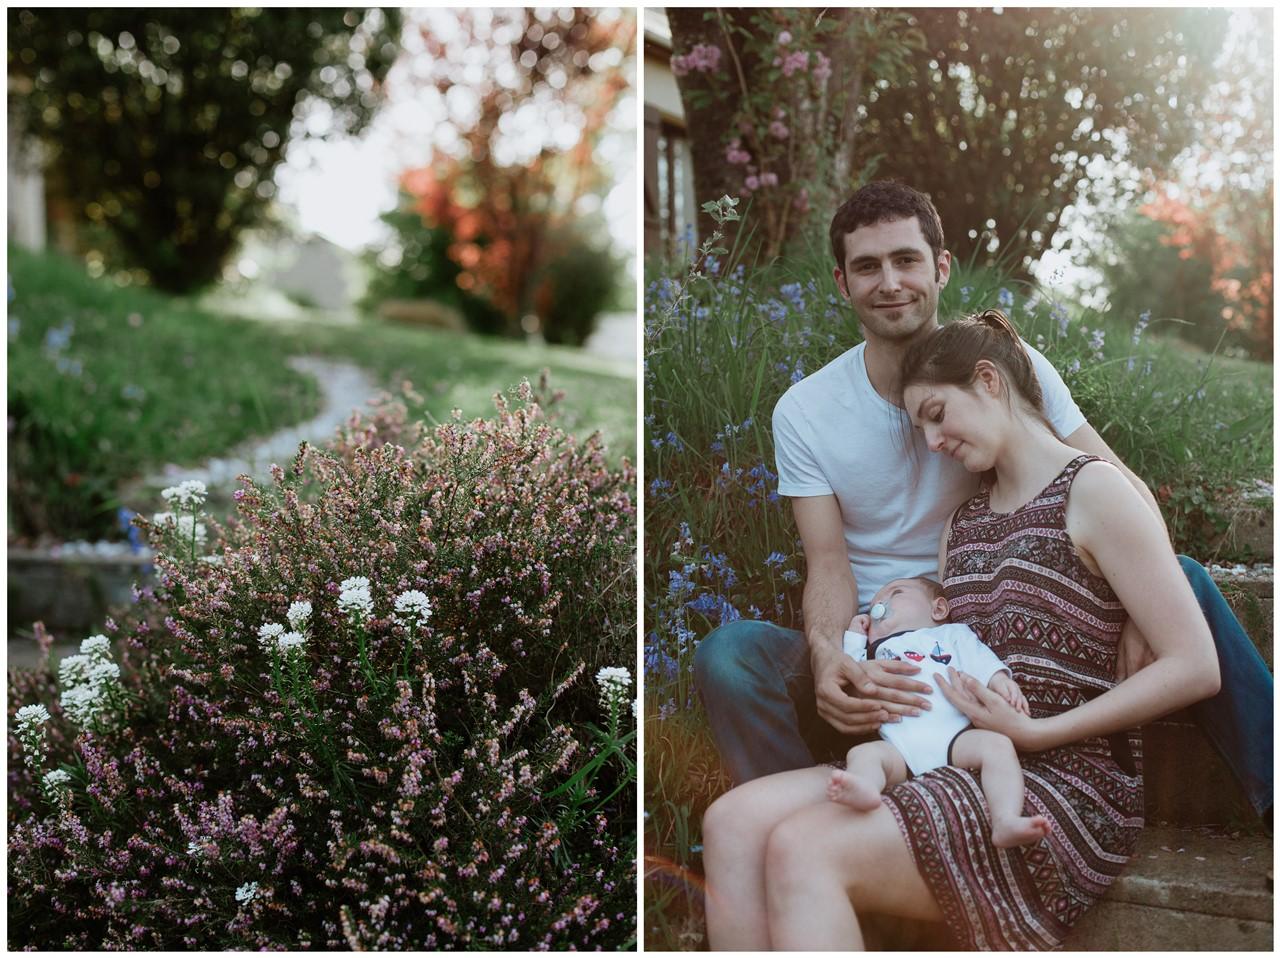 séance-famille-maison-portraits-détails-jardin